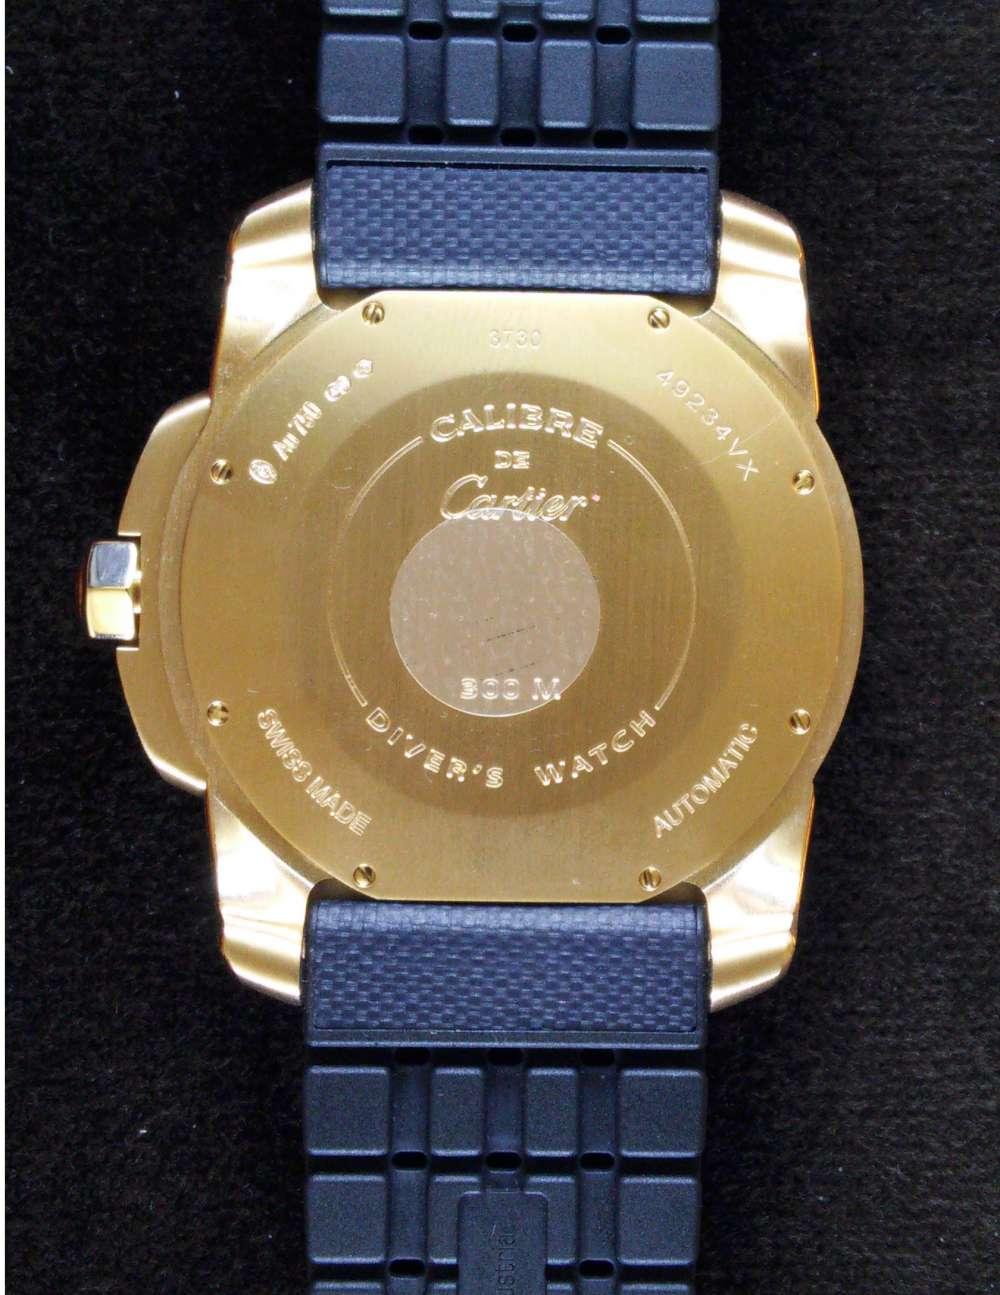 Calibre de Cartier Diver gold caseback